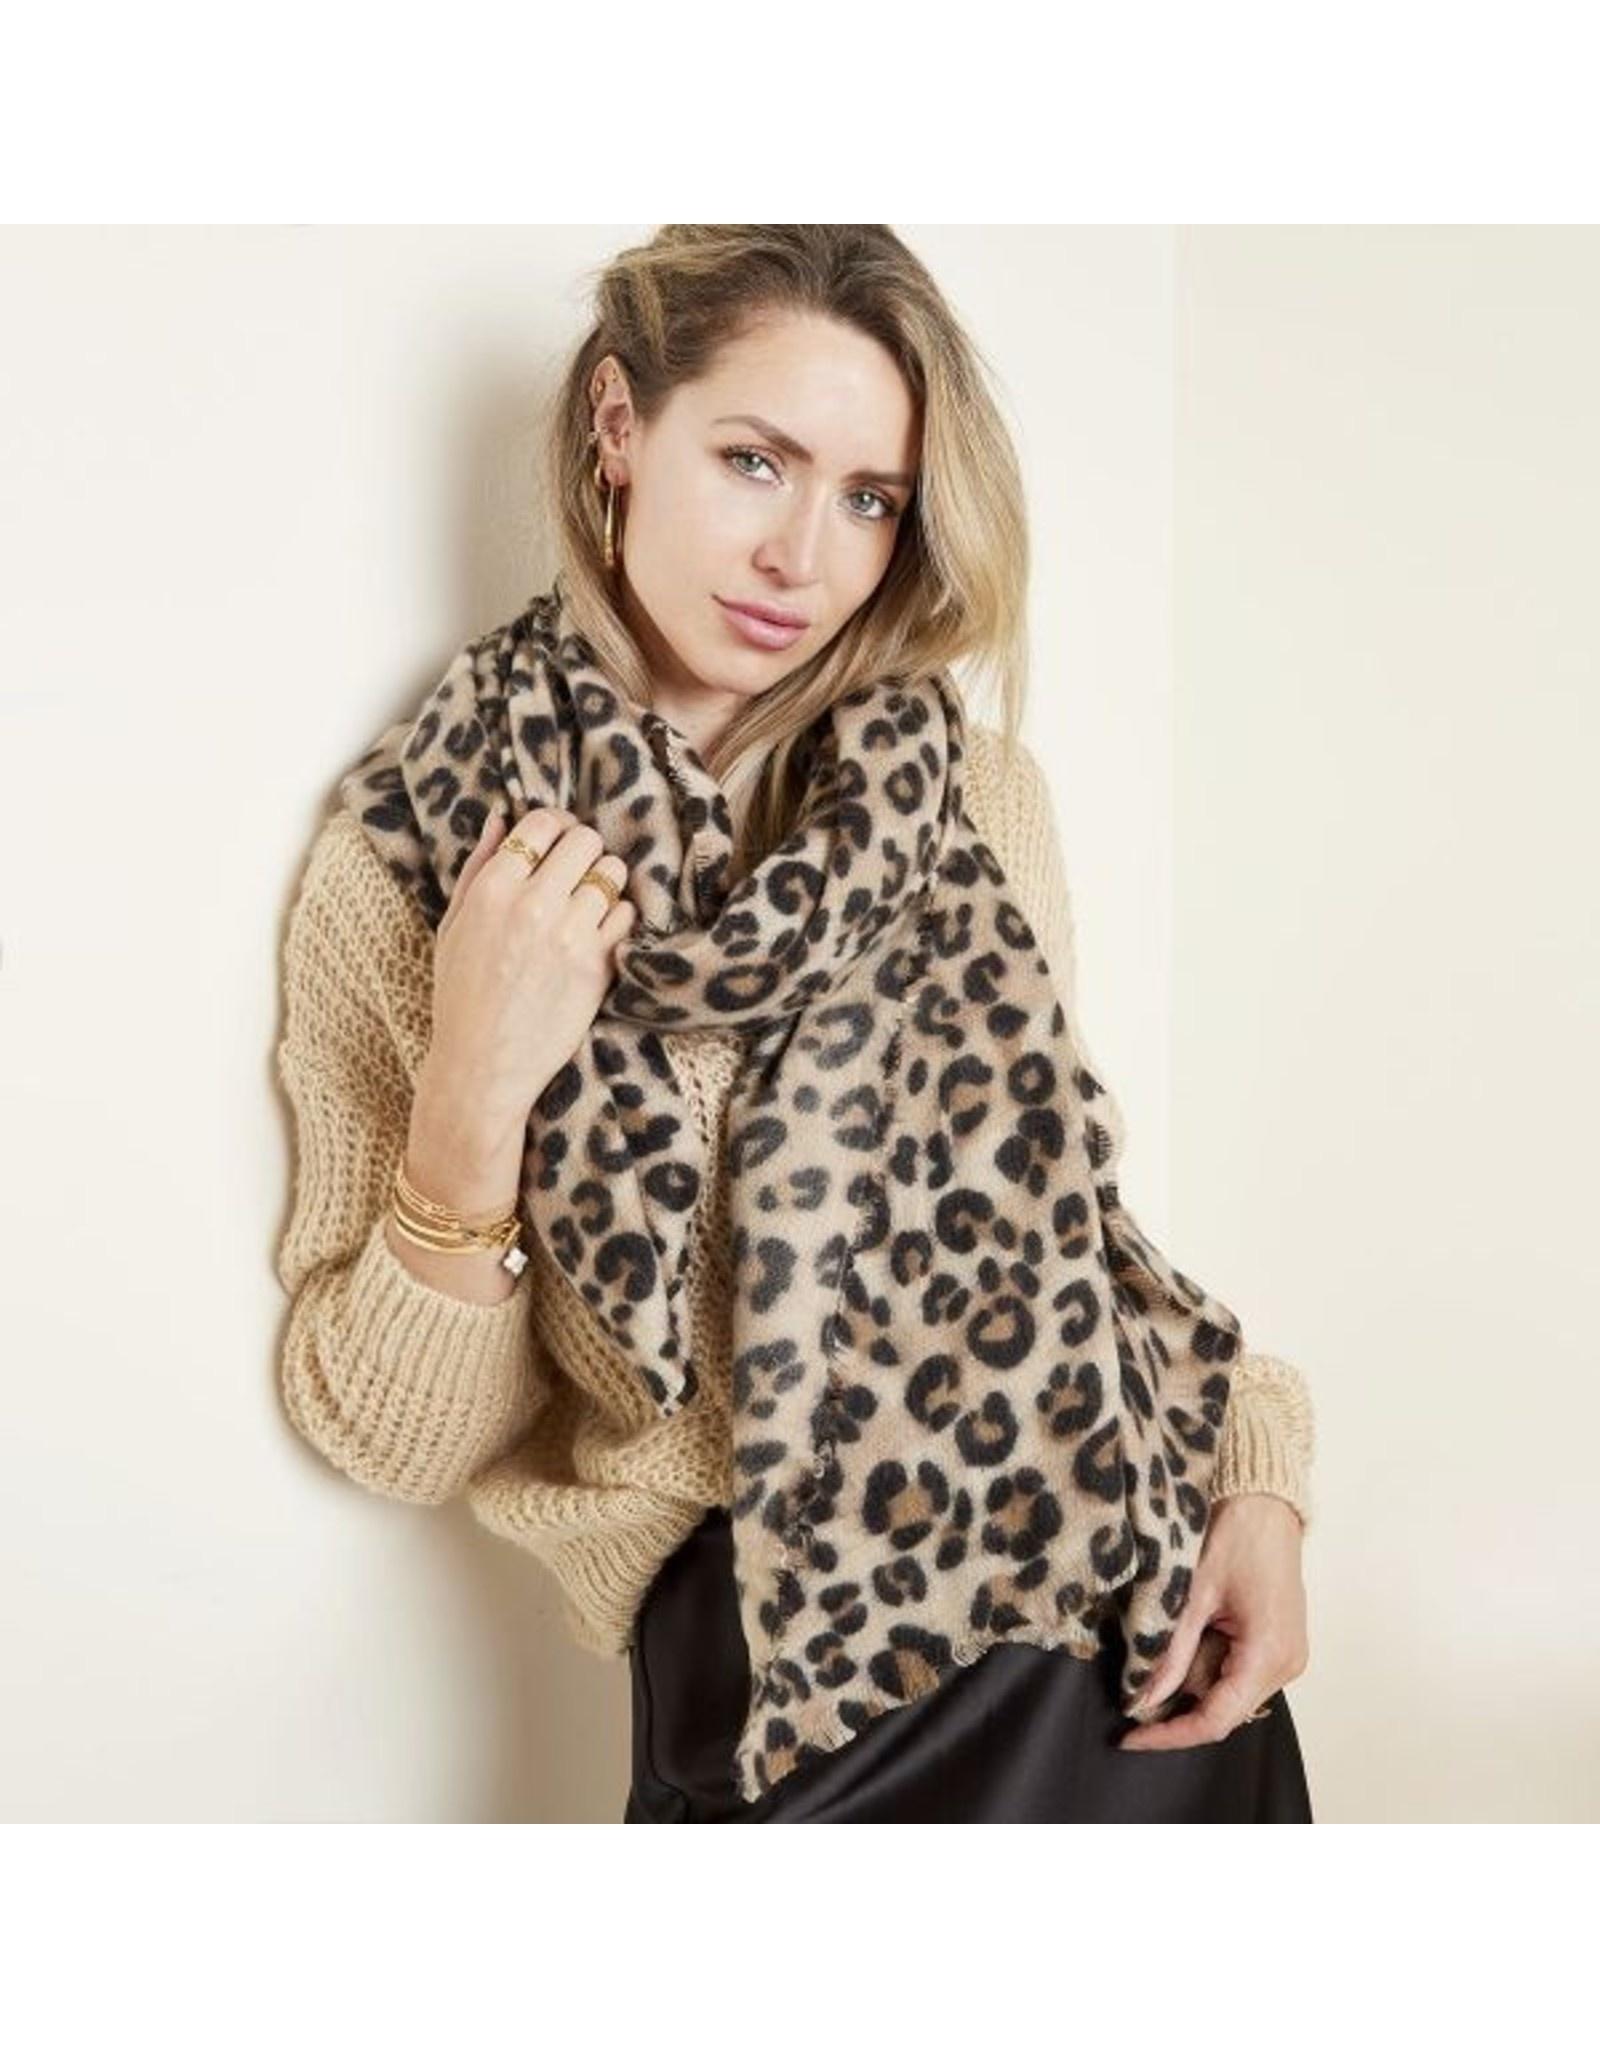 Heerlijk warme sjaals